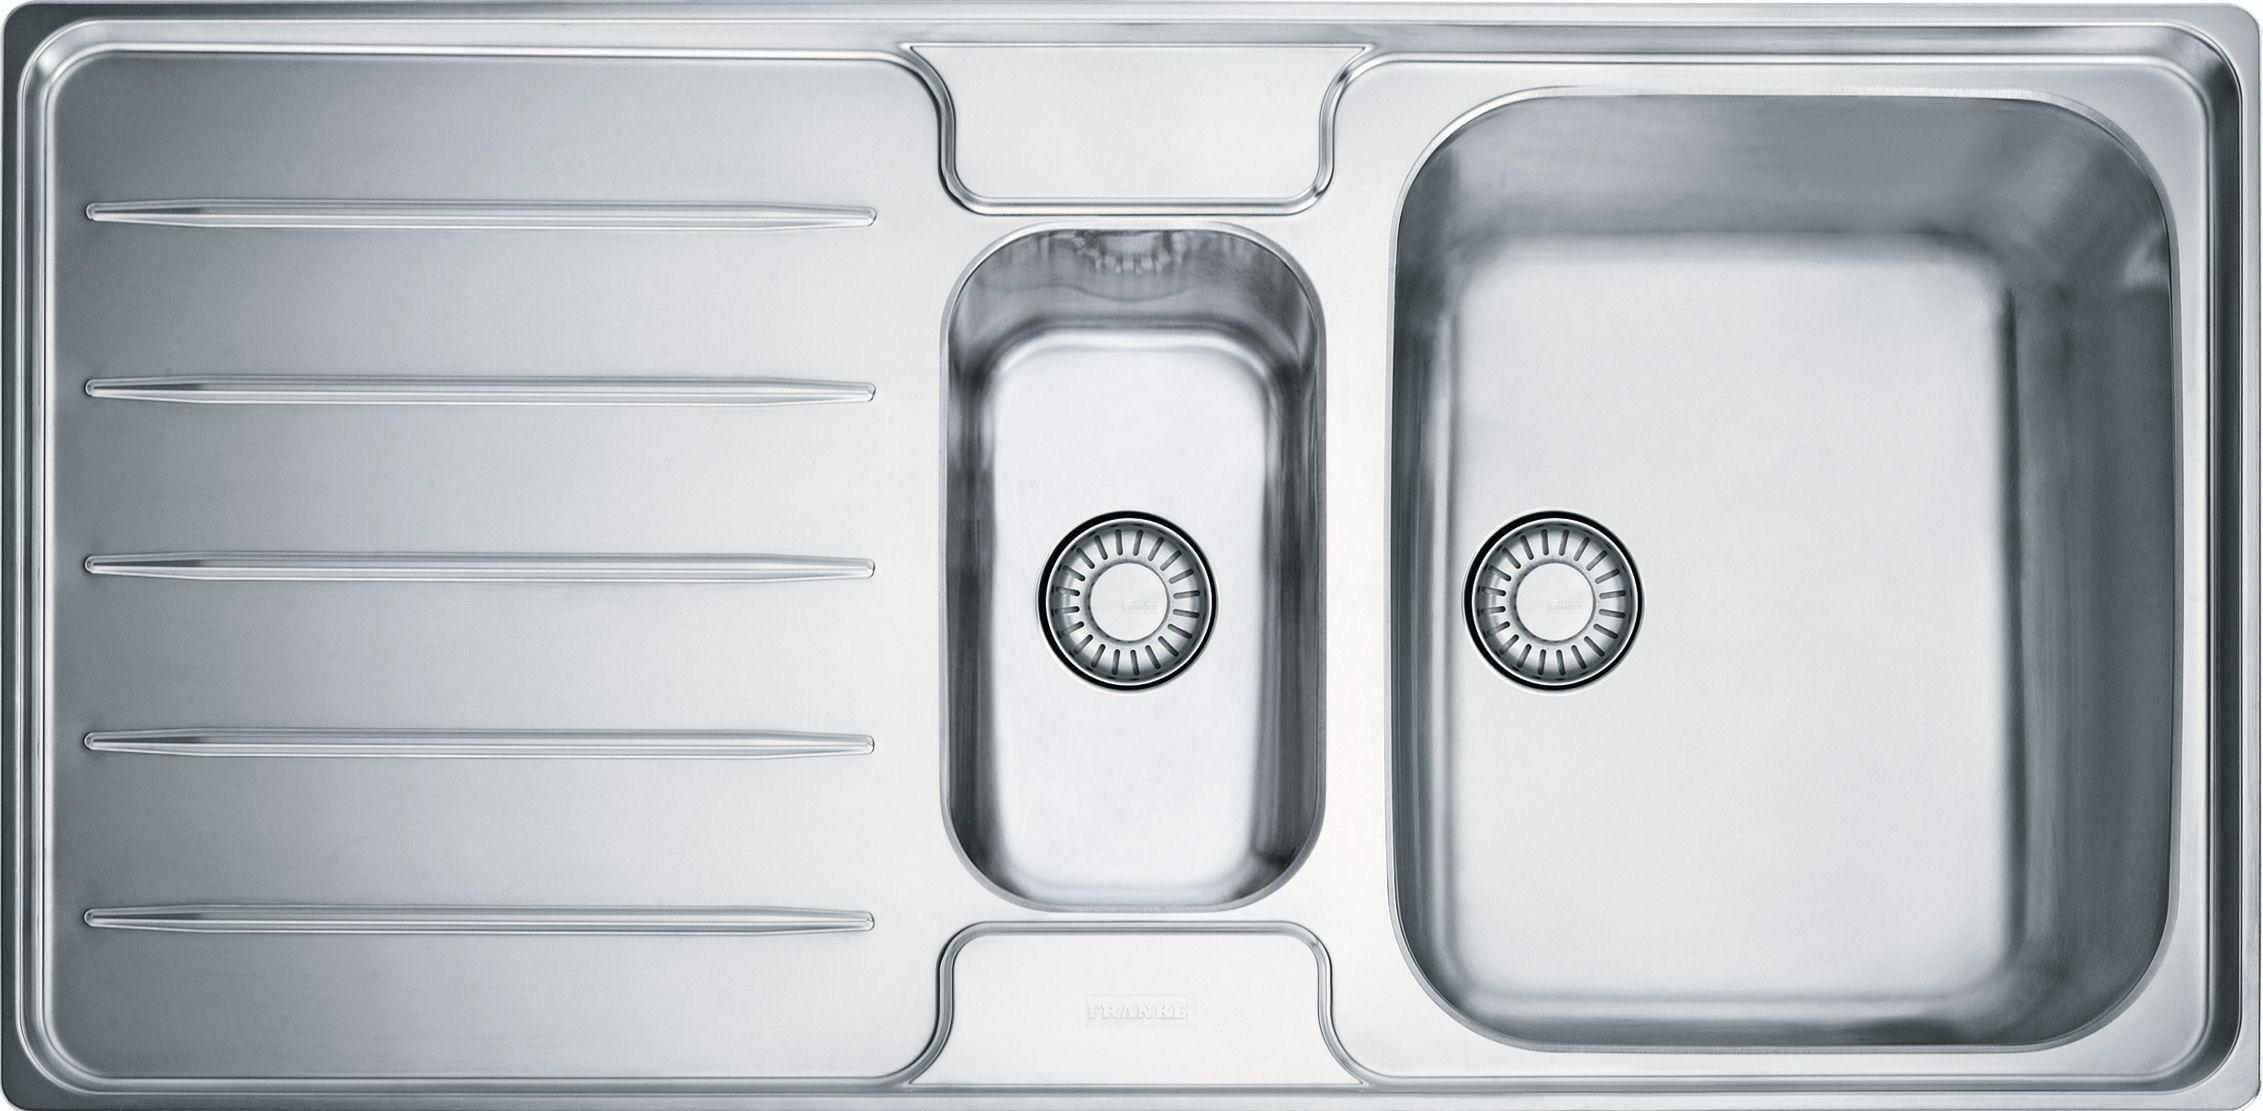 Platte Radiator Keuken : Gerelateerde berichten : Piet Zwart Keuken Tweedehands